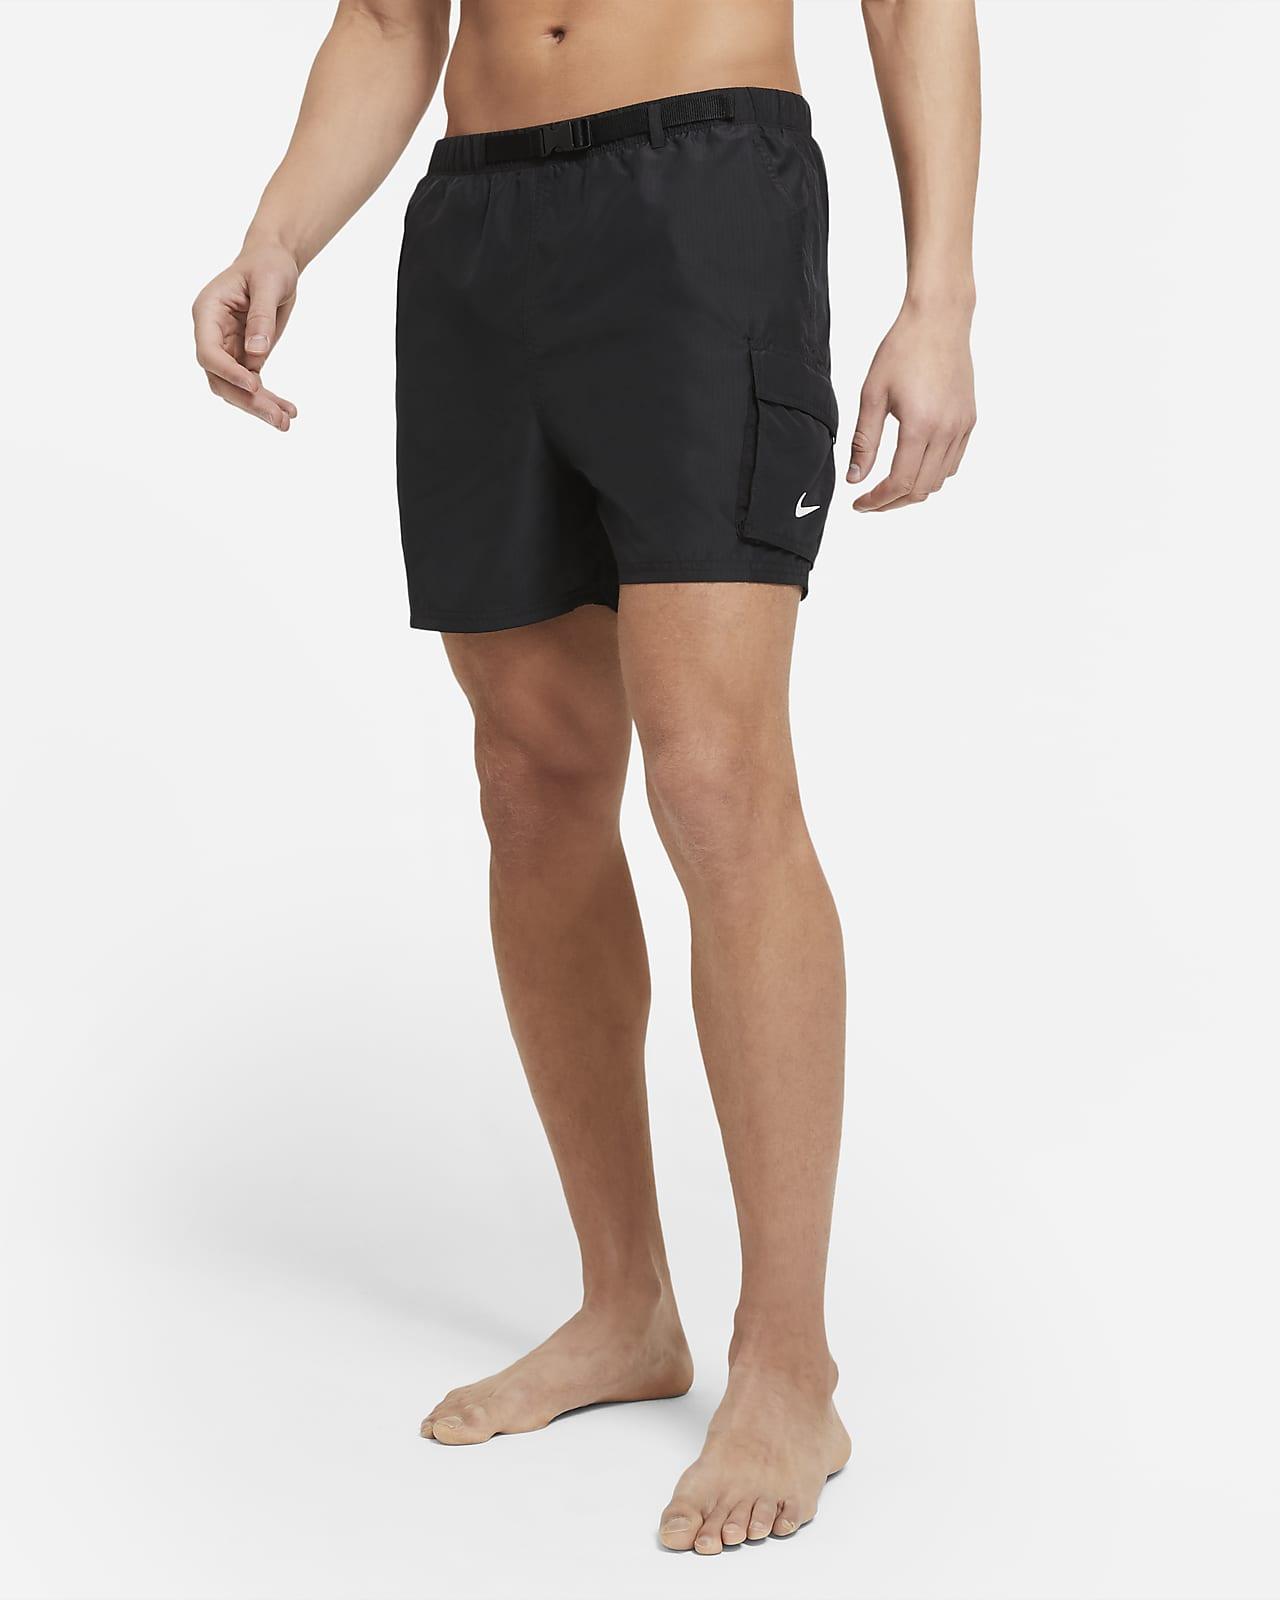 Packbara badshorts Nike med bälte 13 cm för män